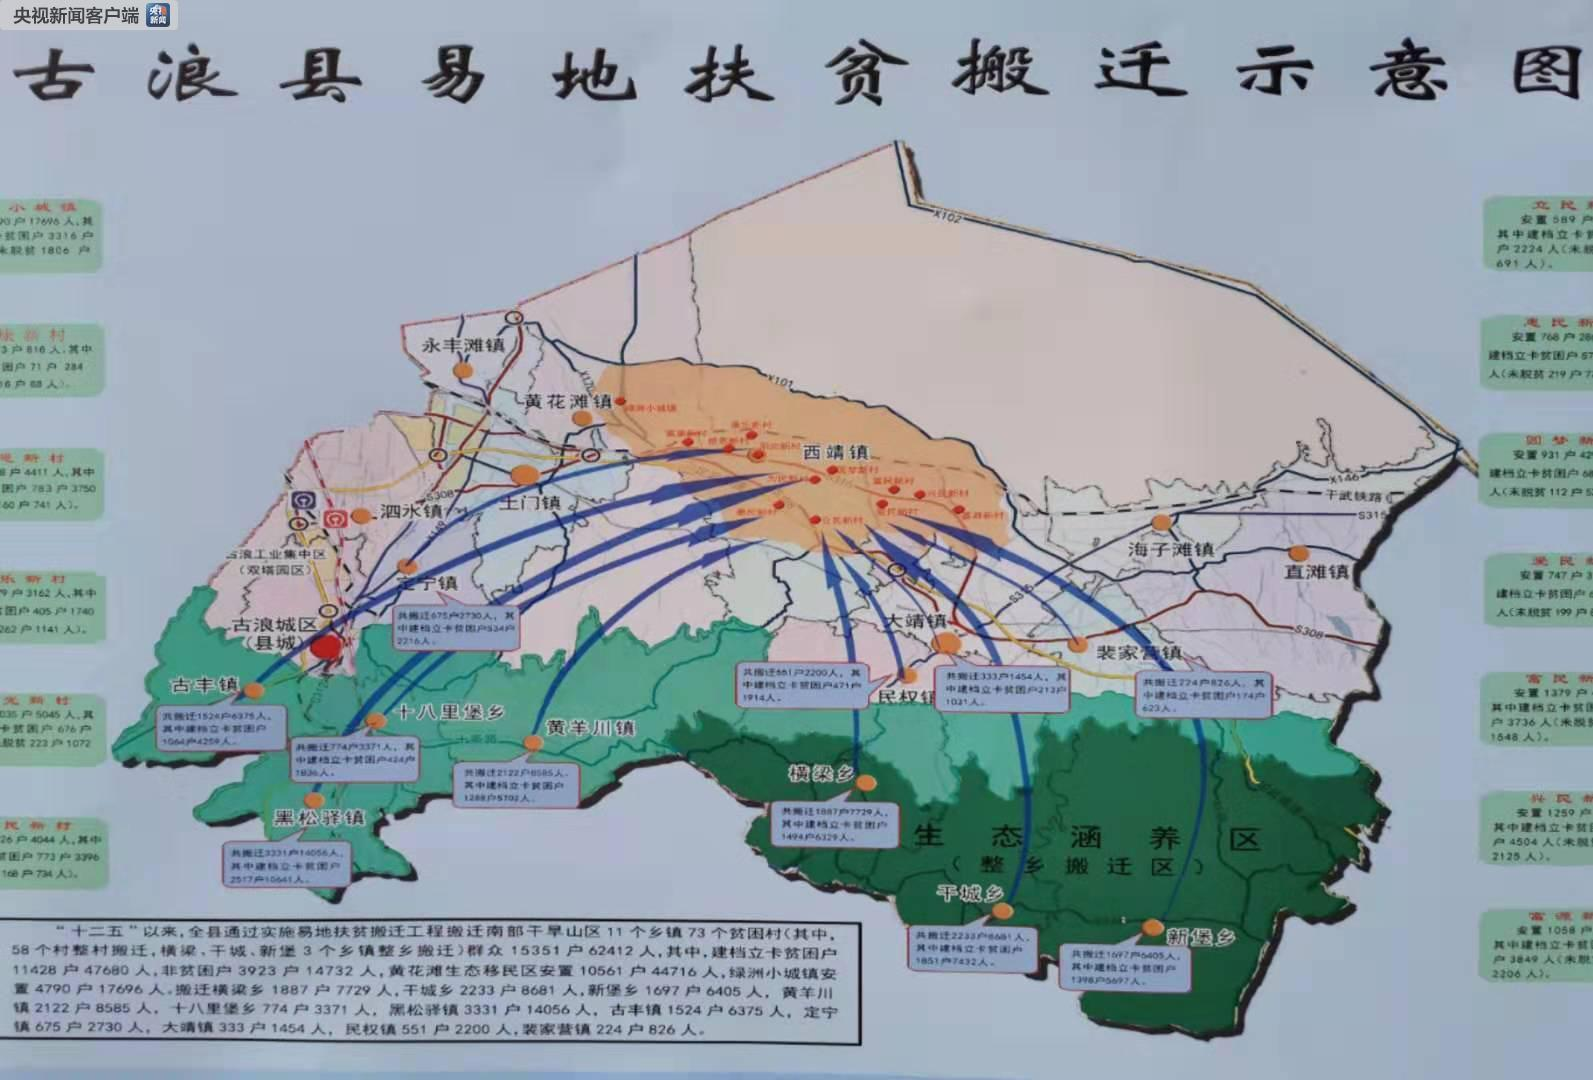 习近平甘肃之行第三天:乌岭逶迤腾古浪,凉州过罢到兰州